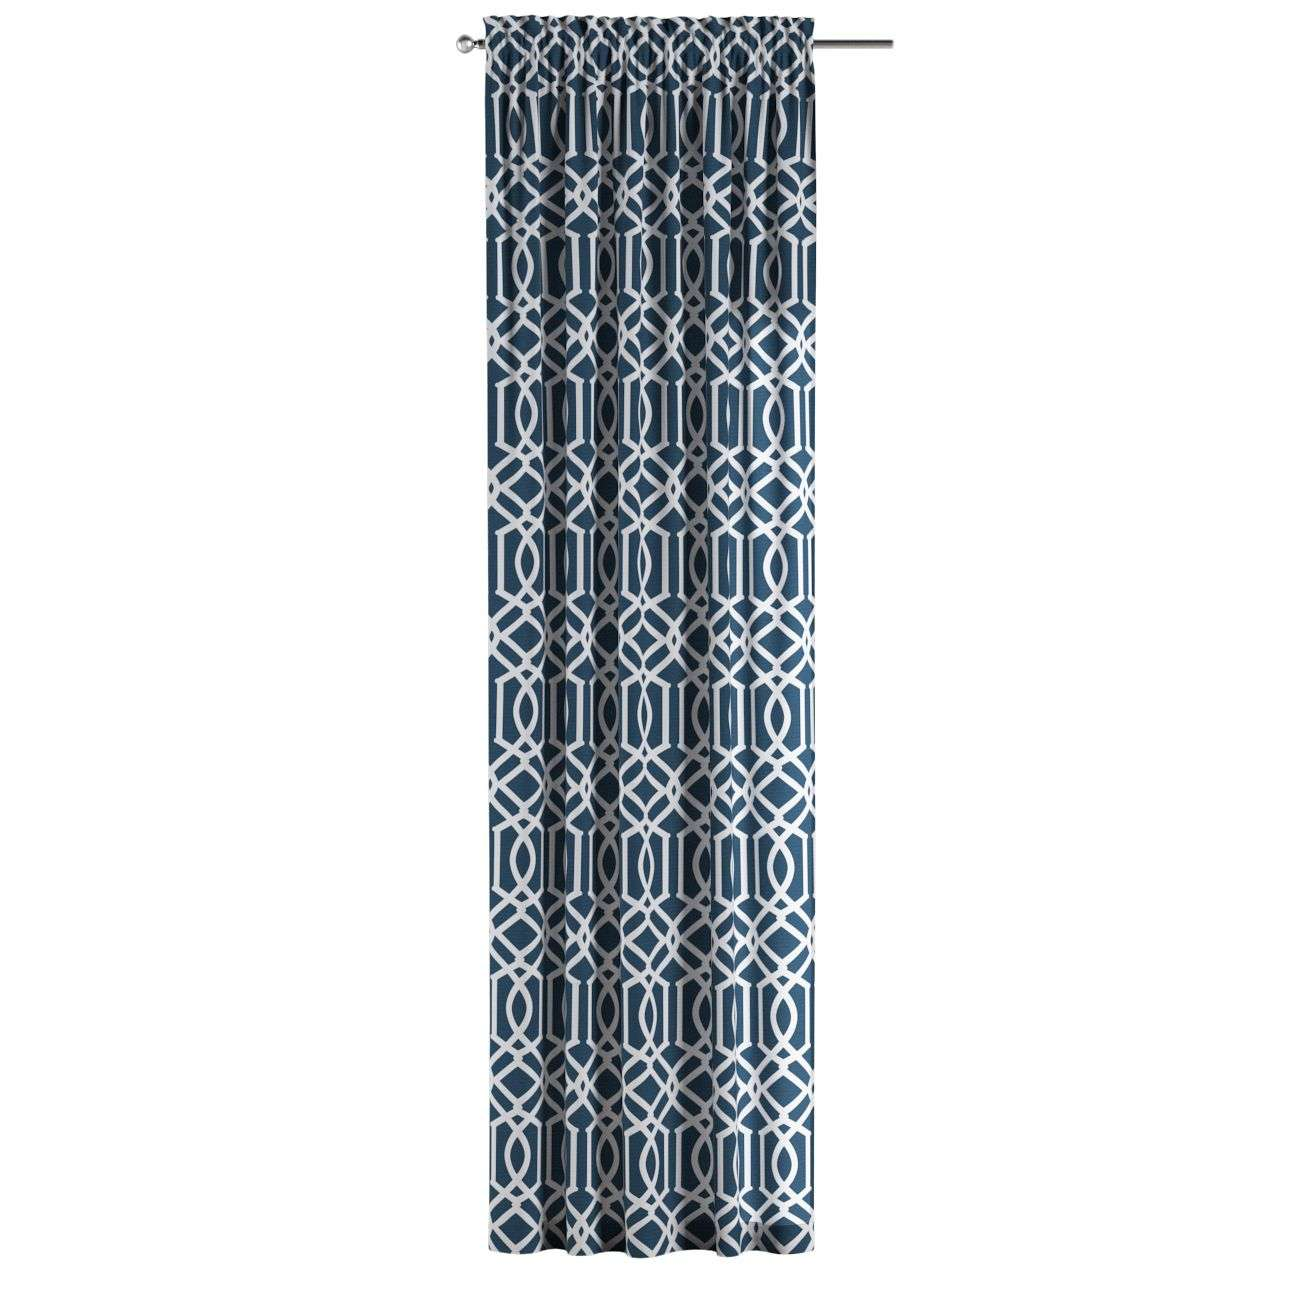 Závěs s tunýlkem a volánkem 130 x 260 cm v kolekci Comics, látka: 135-10